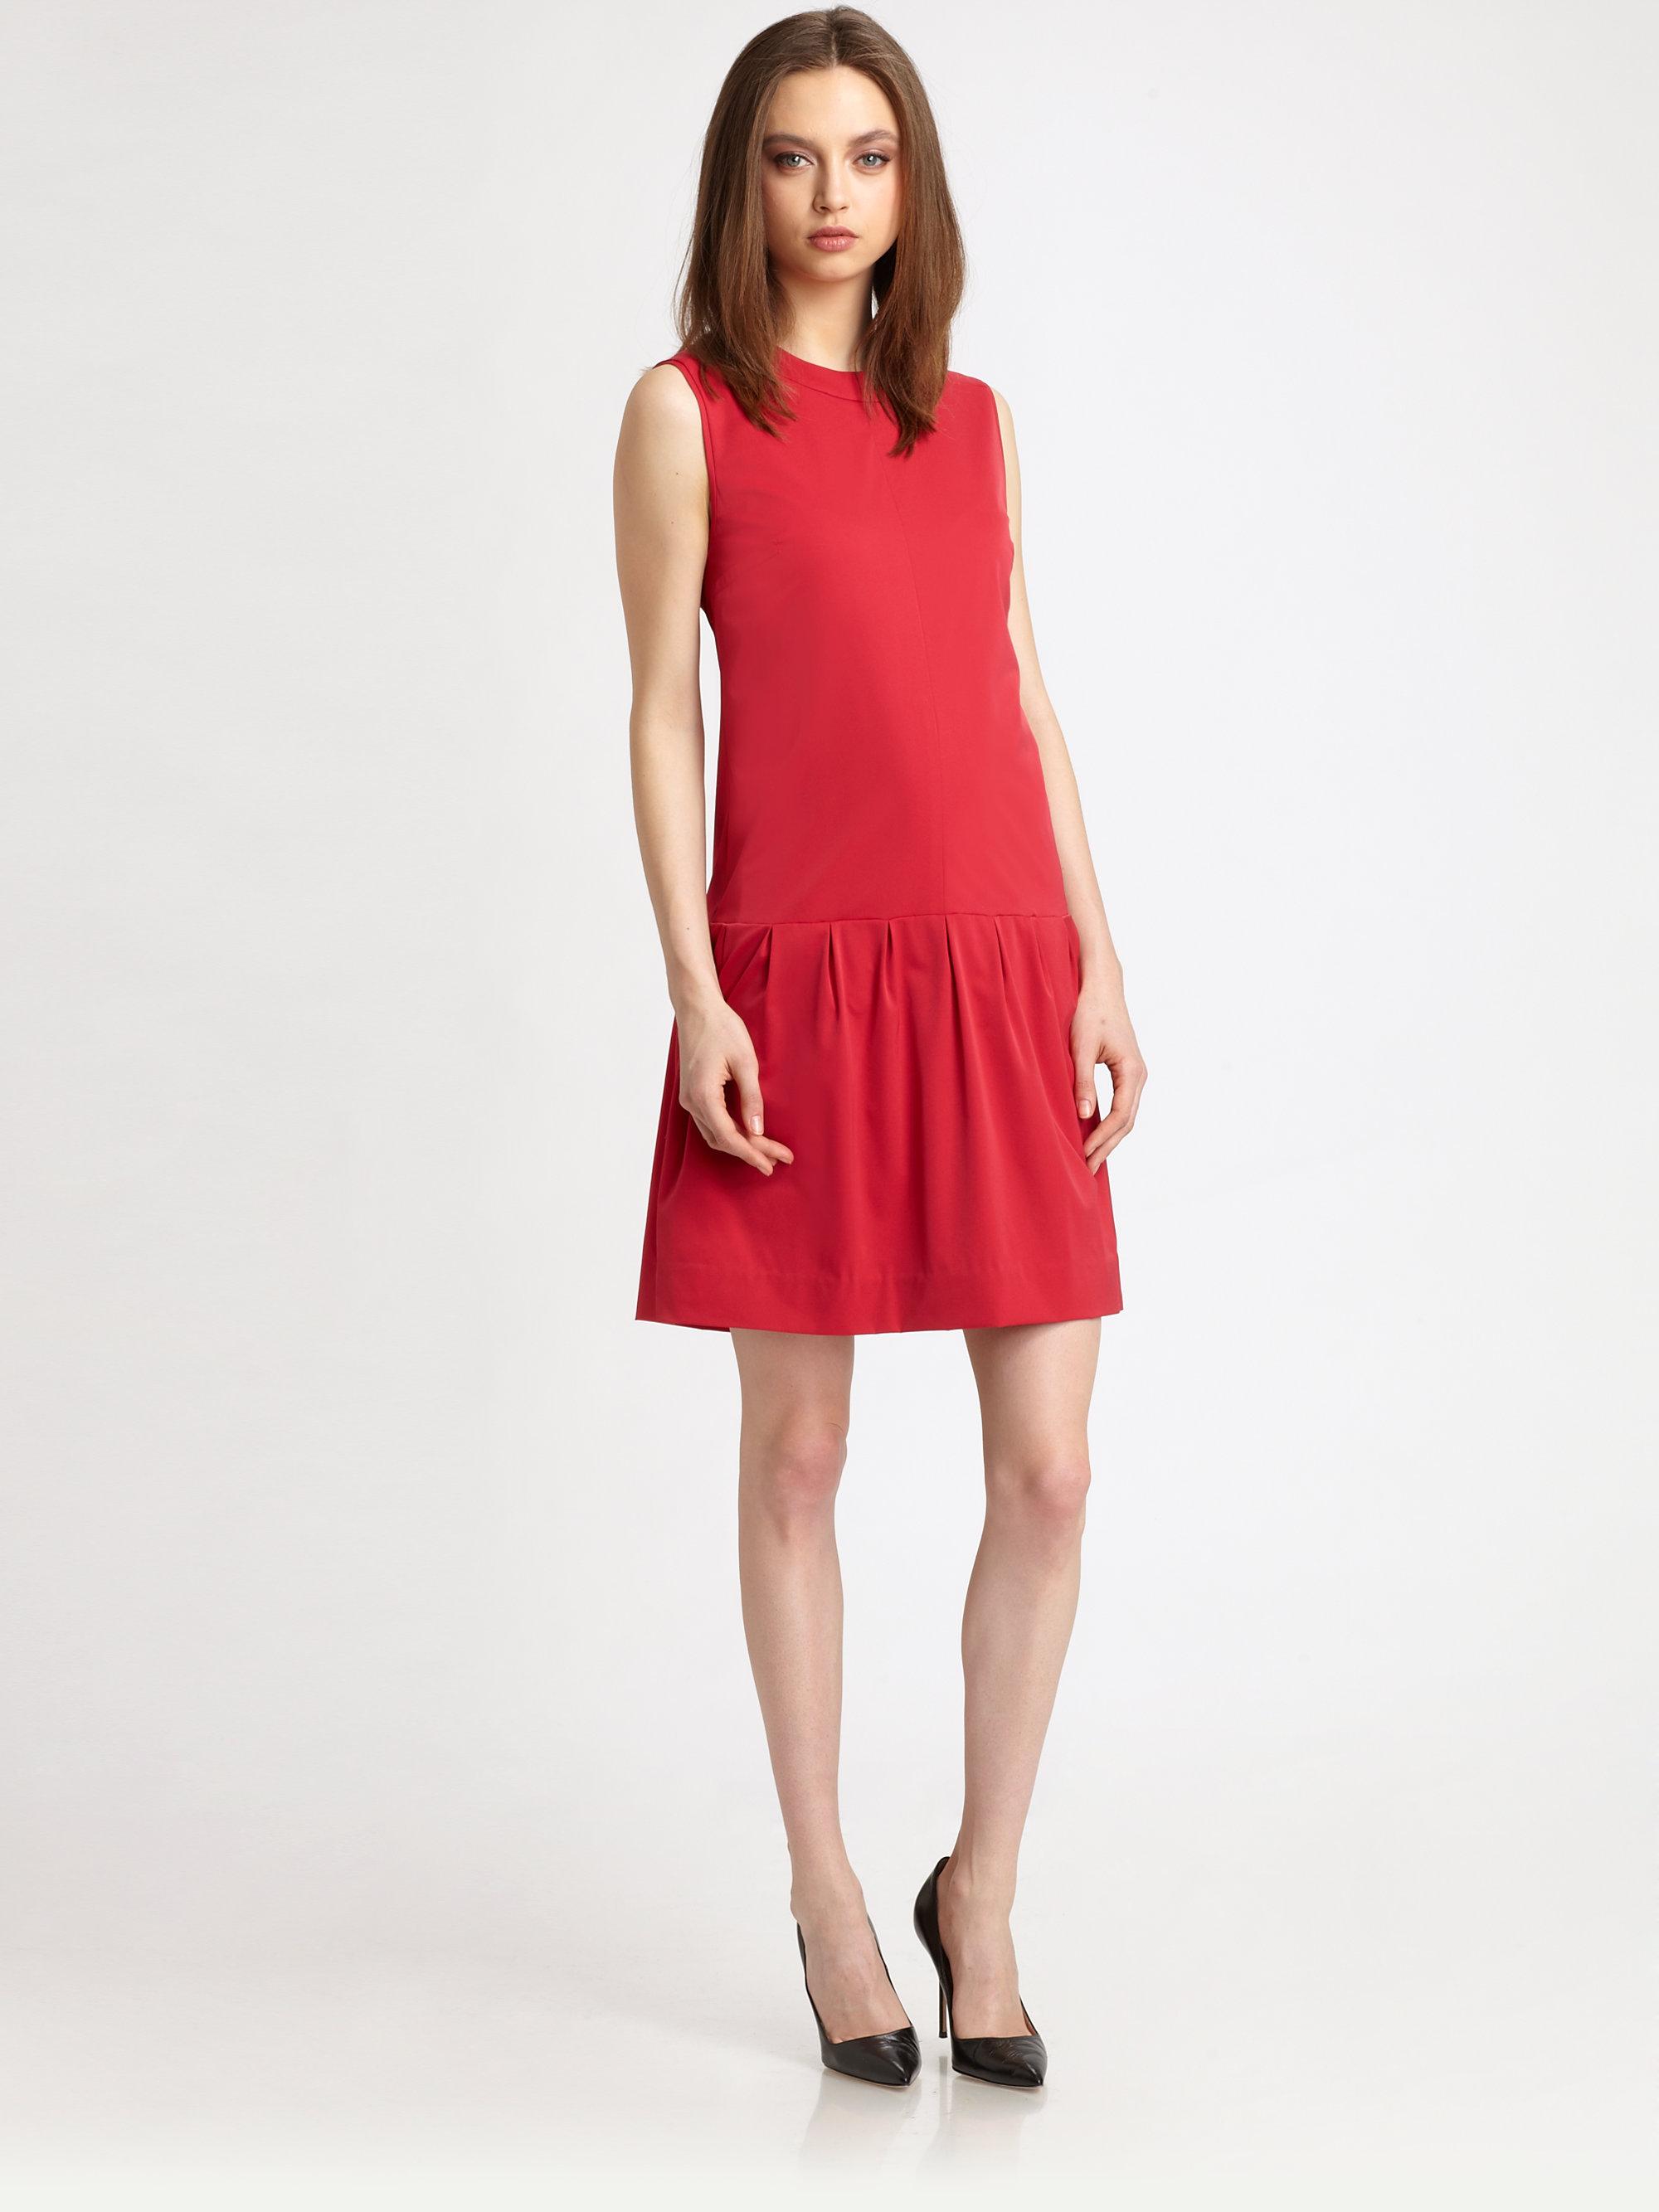 9b9198a761f Diane Von Furstenberg Maeryn Poplin Dropwaist Dress Size 12